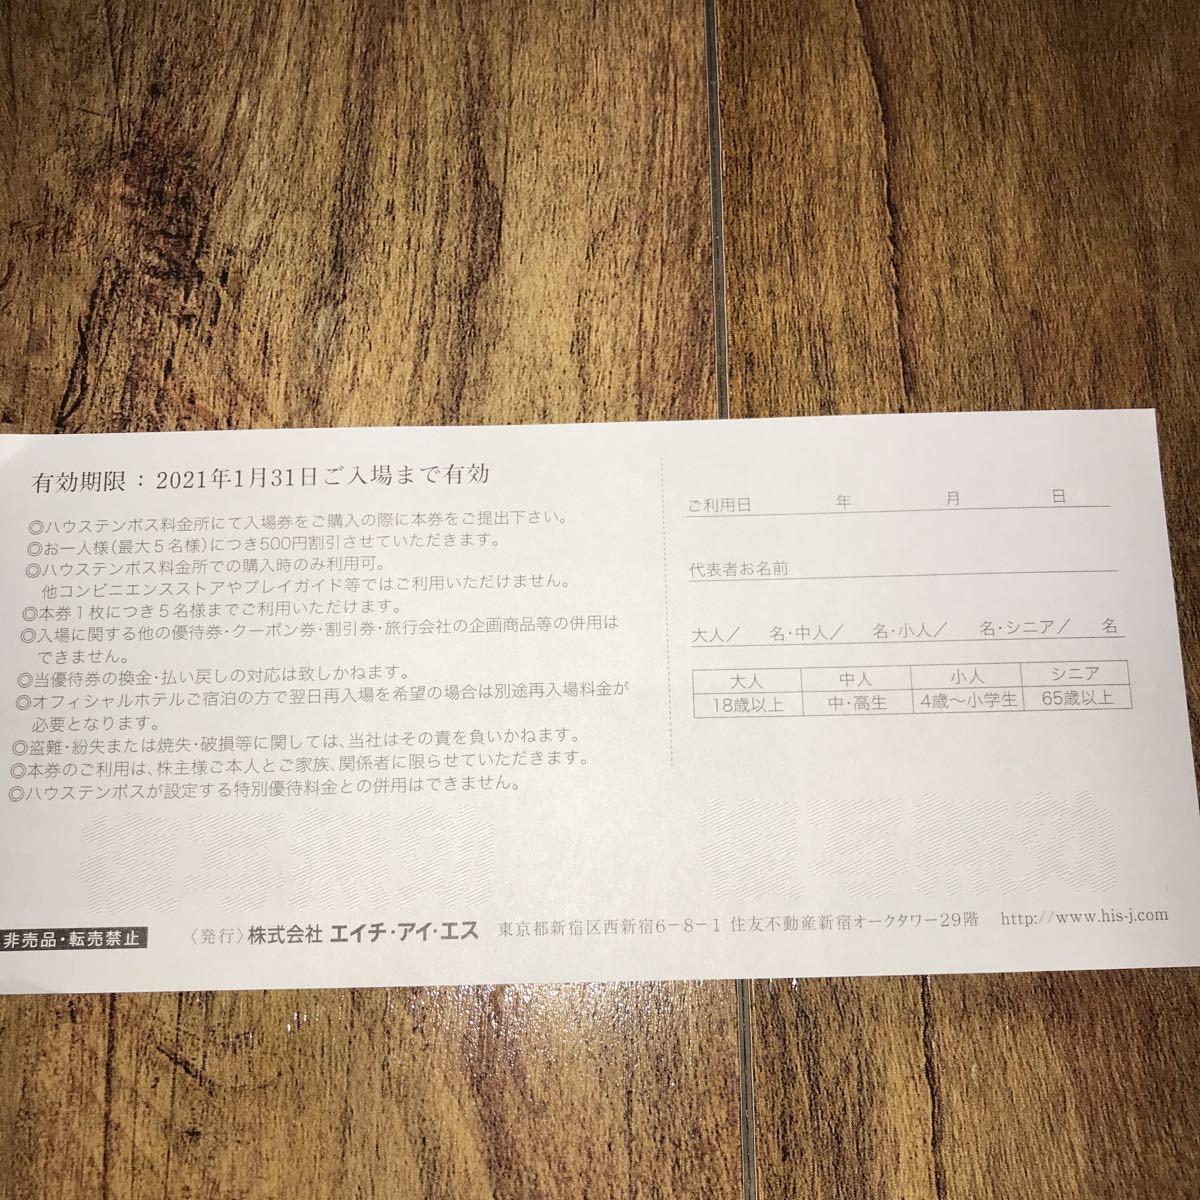 ☆即決 HIS エイチ・アイ・エス 株主優待券 ハウステンボス入場割引券500円 1枚 有効期限2021/1/31 送料63円_画像2